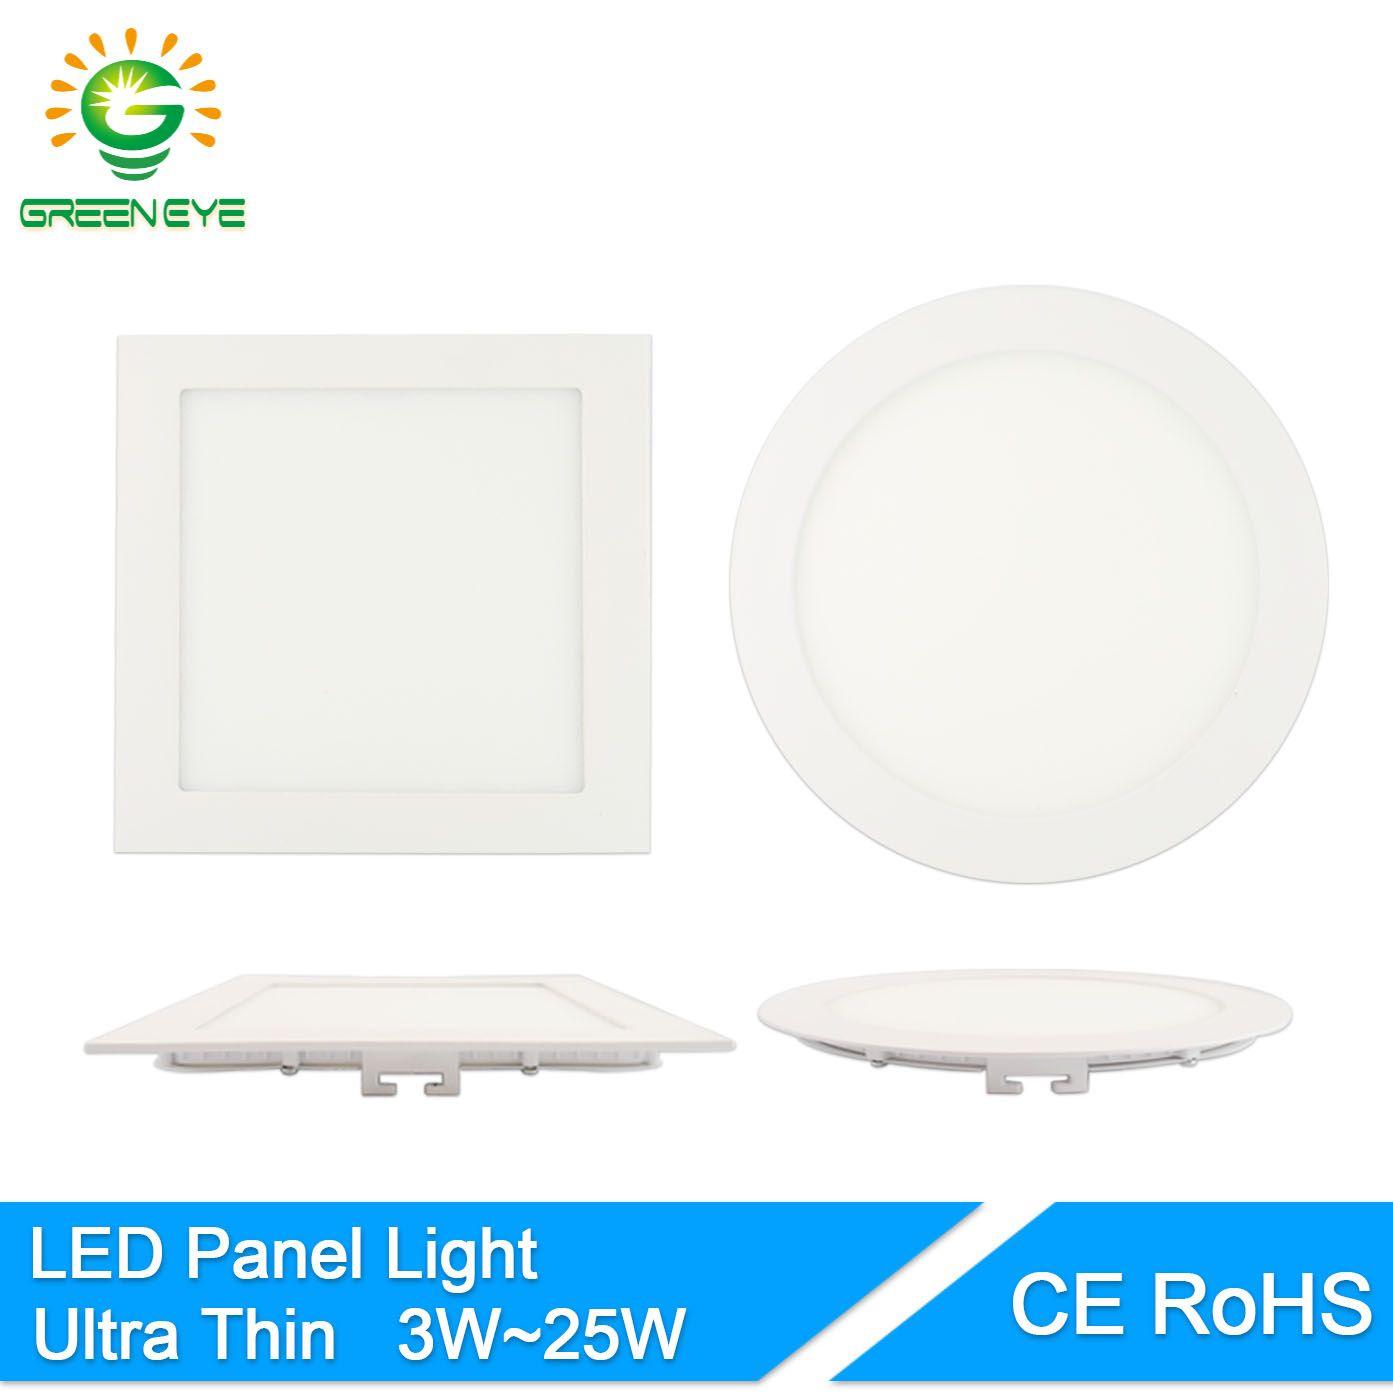 GreenEye Ultradünne AC 85-265 v 3 watt-25 watt LED-Panel Licht Runde/Quadratische LED Deckeneinbauleuchte 4 watt 6 watt 9 watt 12 watt 15 watt 18 watt Lampe 220 v